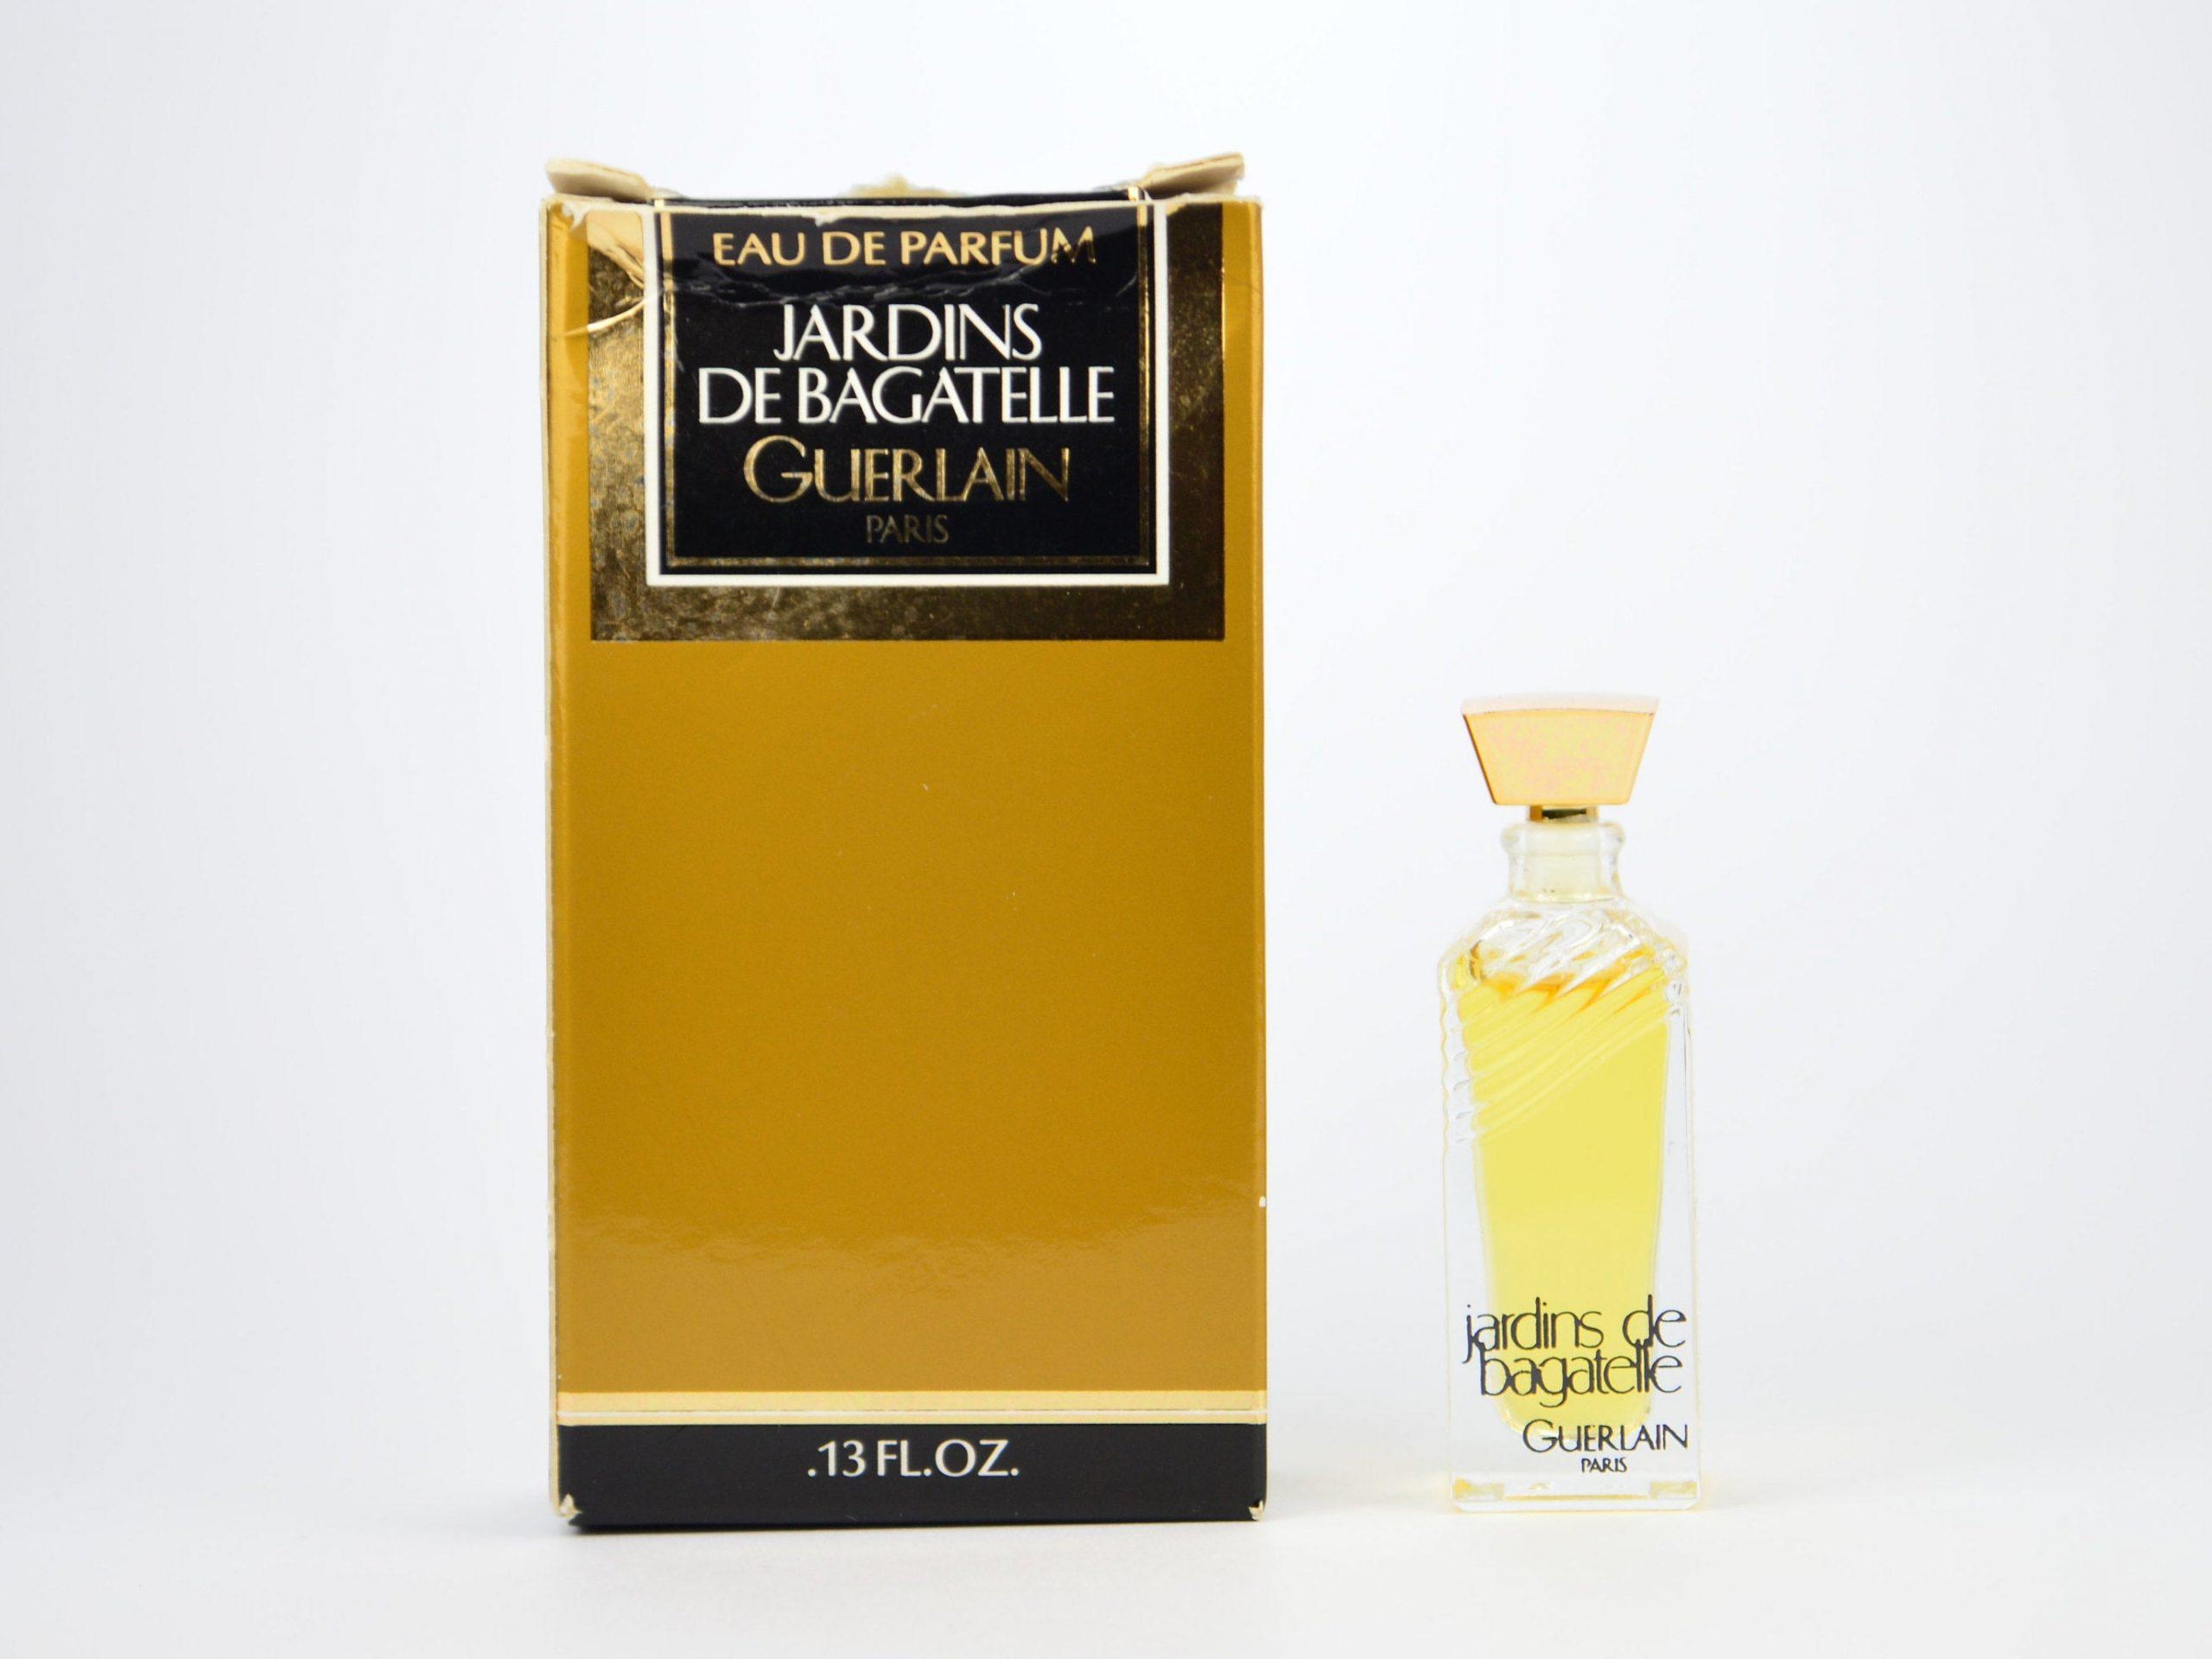 Perfume Vintage Mini Eau De Parfum Jardins De Bagatelle Guerlain Paris 4 Ml  0.13 Fl. Oz. Miniature Ladies intérieur Jardin De Bagatelle Guerlain